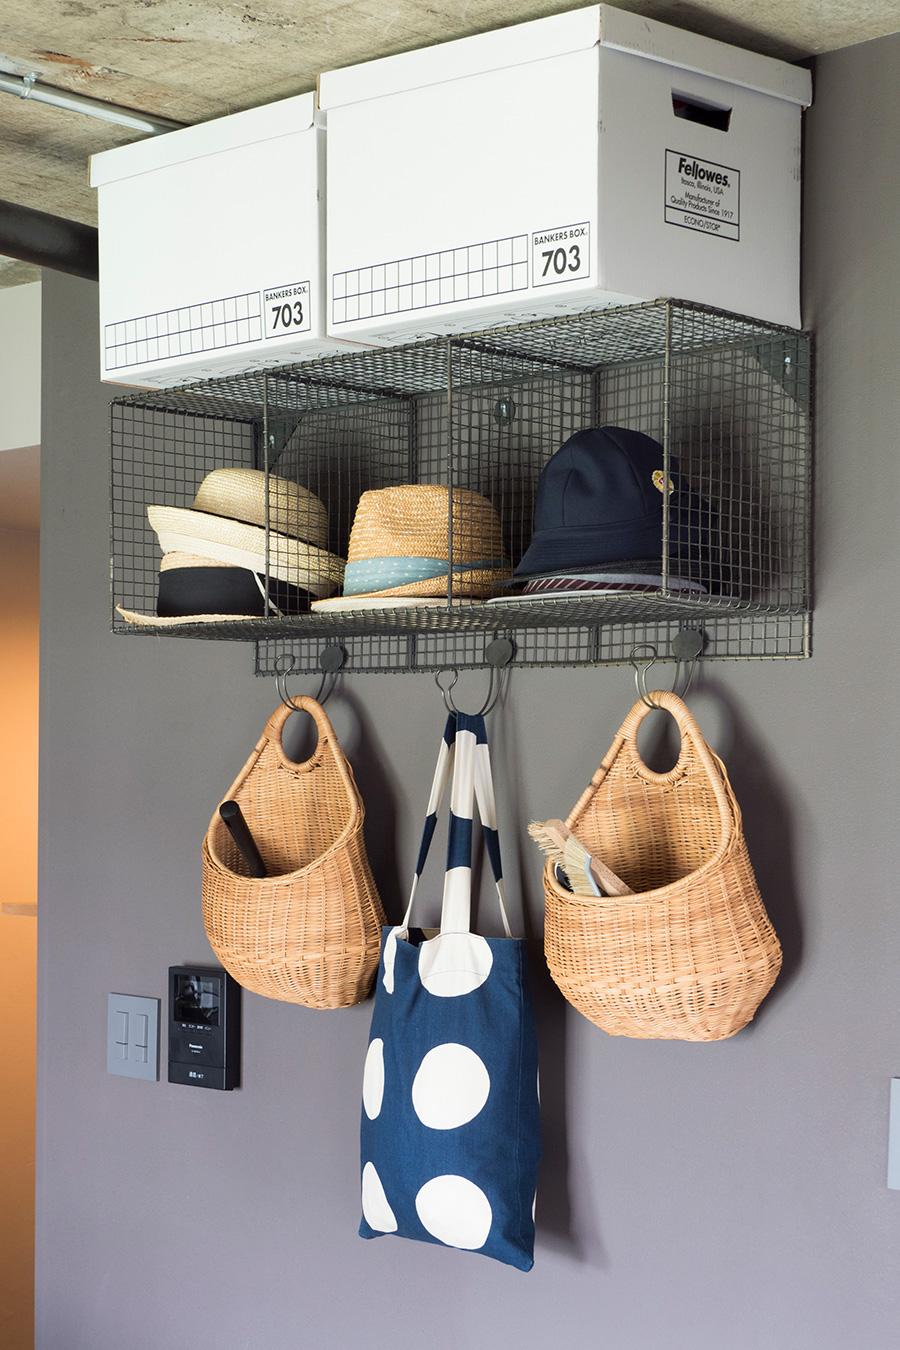 ザ・コンランショップのワイヤーシェルフを使って「見せる収納」に。お出かけ時の帽子はいつもここから。お掃除グッズを入れているカゴは、花器として販売されていたものだそう。